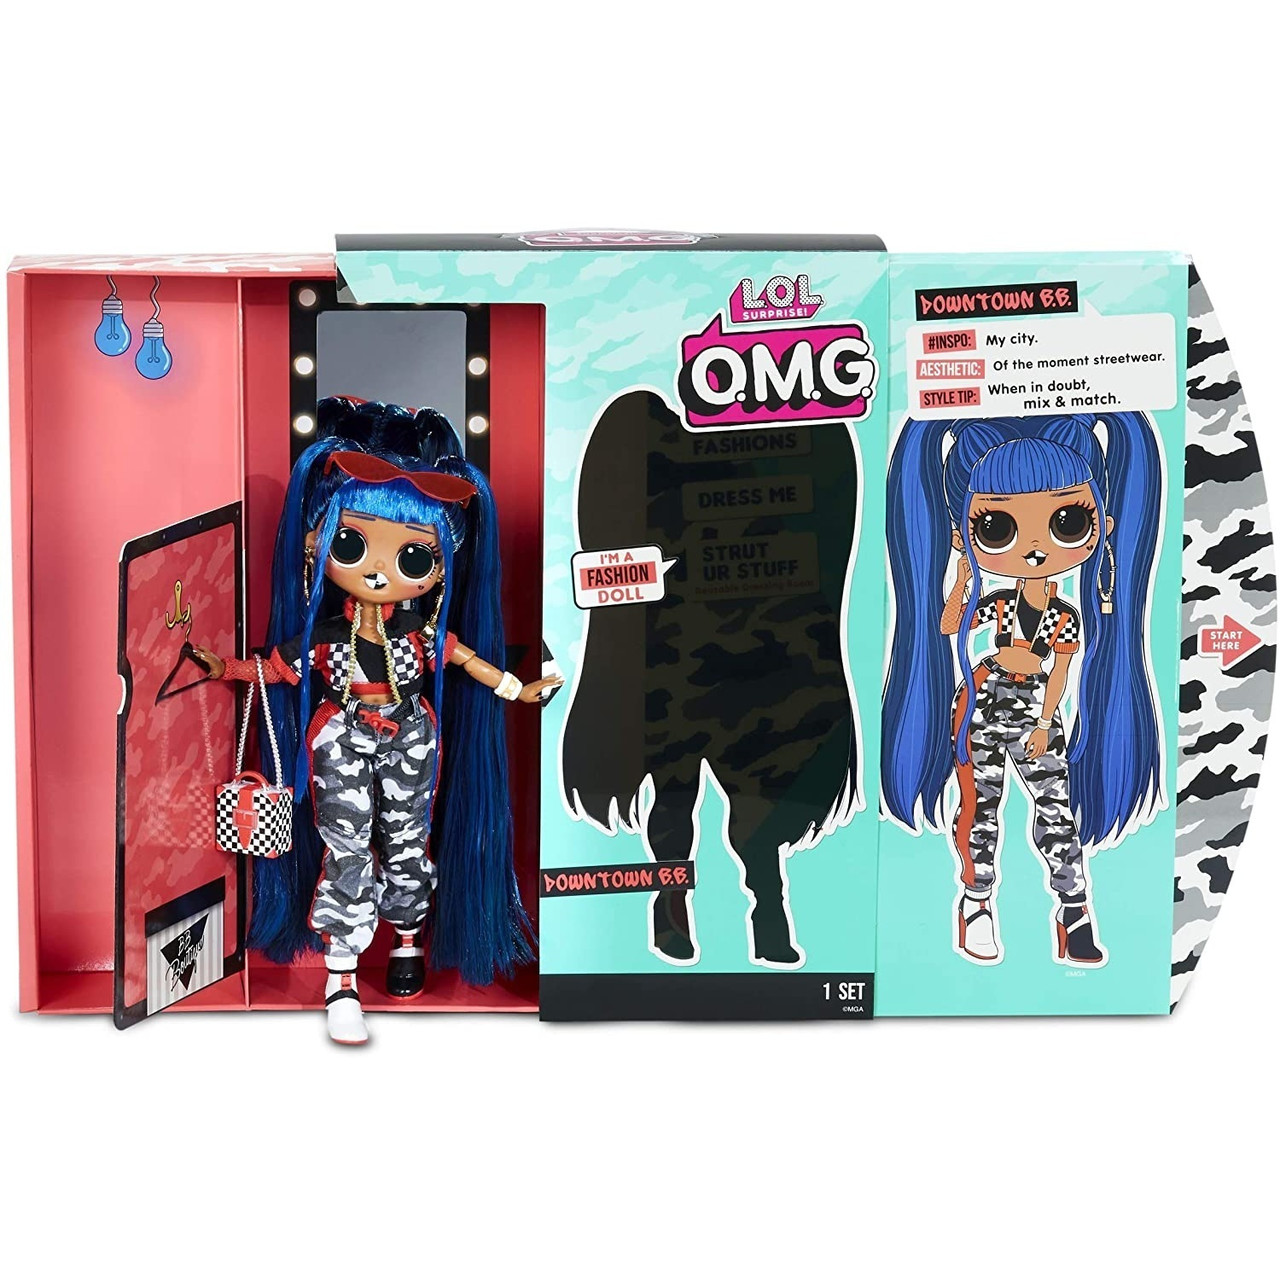 LOL OMG Модная Кукла Даунтаун БиБи (Downtown B.B.), 2 серия, 2 волна, ЛОЛ ОМГ - фото 4